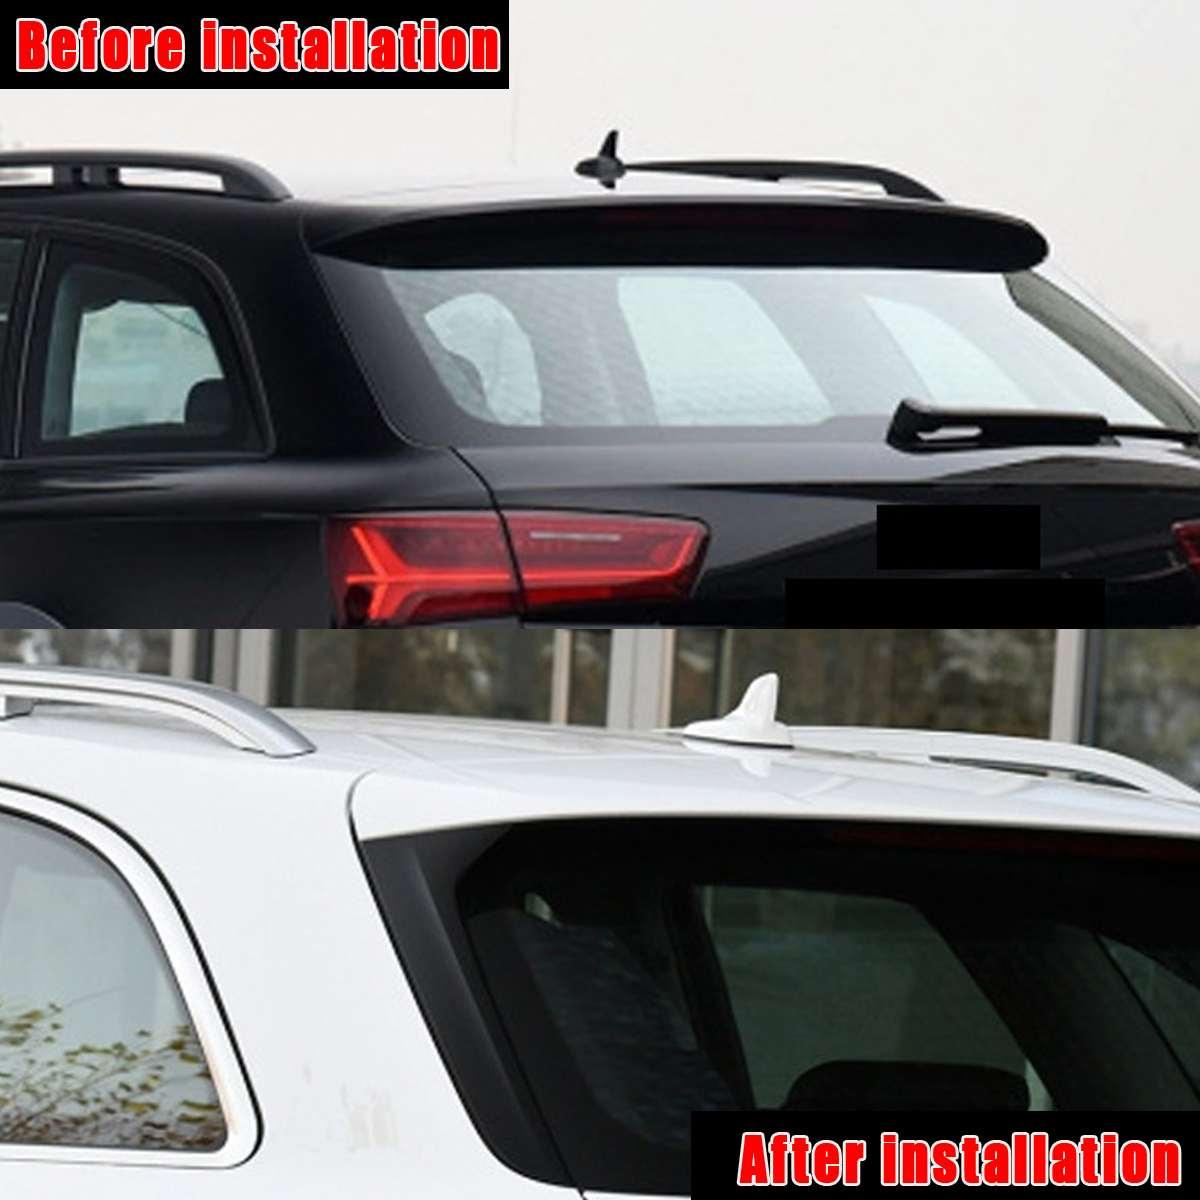 Задний оконный Спойлер боковой полосы крышка отделка переоборудование экстерьера комплект подходит для Audi A6 C7 Allroad TDI Quattro/для Avant 2012-2018